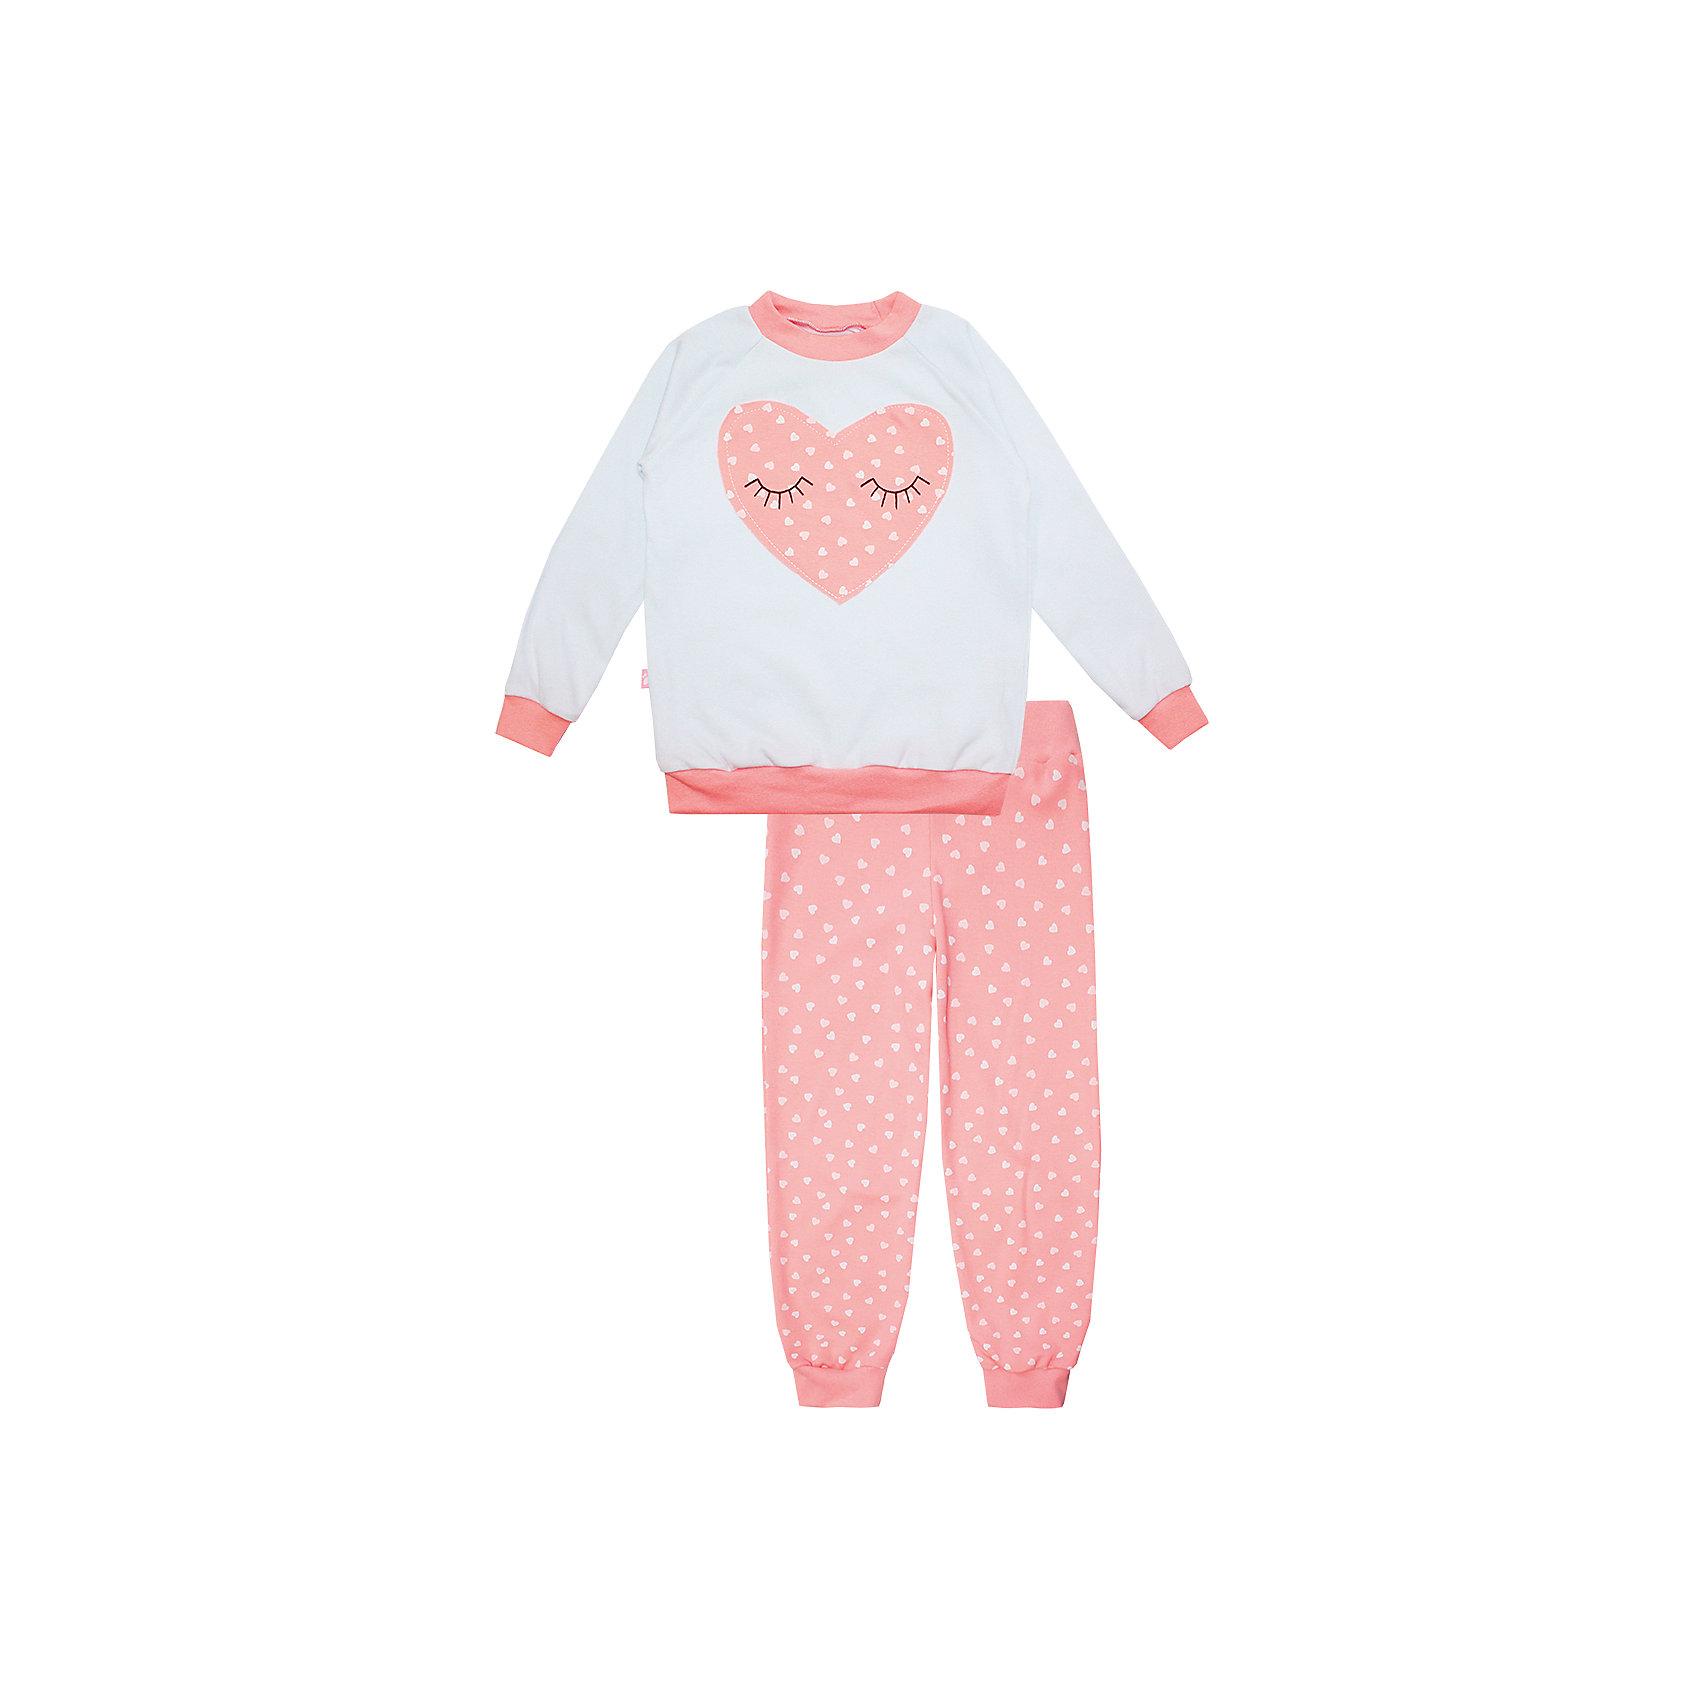 Пижама: футболка с длинным рукавом и штаны для девочки КотМарКотПижама: футболка с длинным рукавом и штаны для девочки от известного бренда КотМарКот<br>Состав:<br>100% хлопок<br><br>Ширина мм: 281<br>Глубина мм: 70<br>Высота мм: 188<br>Вес г: 295<br>Цвет: розовый<br>Возраст от месяцев: 84<br>Возраст до месяцев: 96<br>Пол: Женский<br>Возраст: Детский<br>Размер: 128,122,104,116,110,134<br>SKU: 4873311